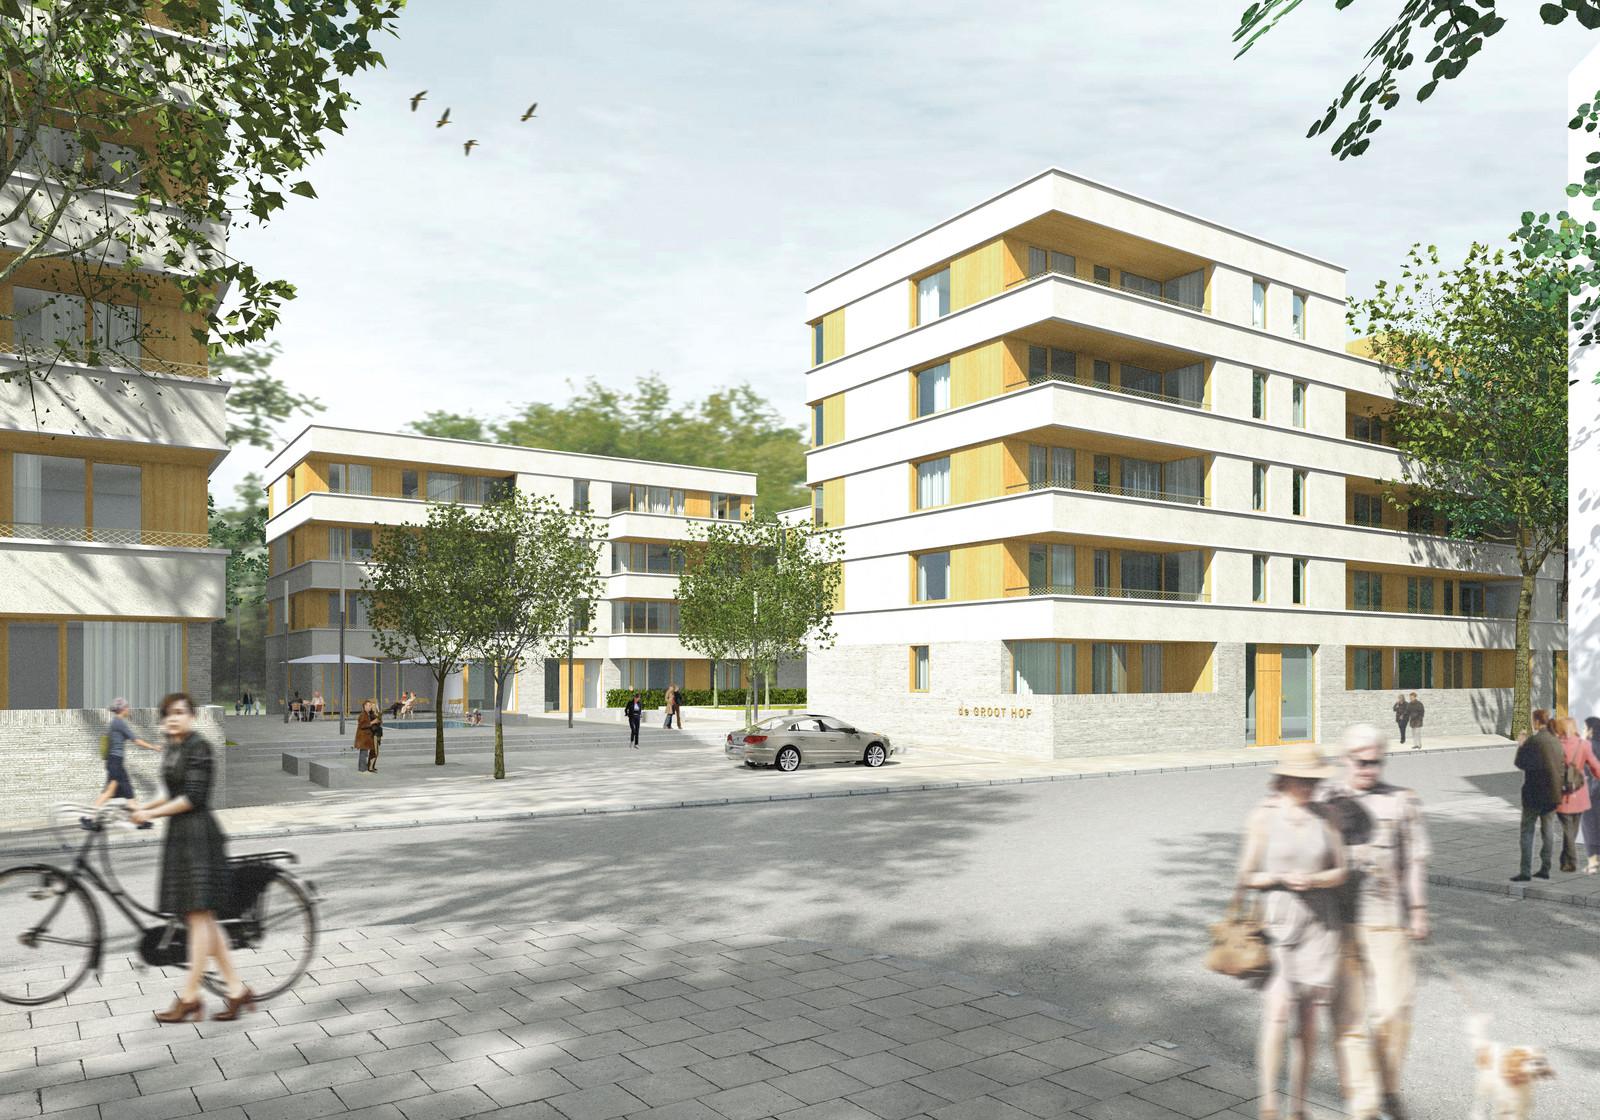 Dreibund architekten bochum 270 kronenstra e - Dreibund architekten ...